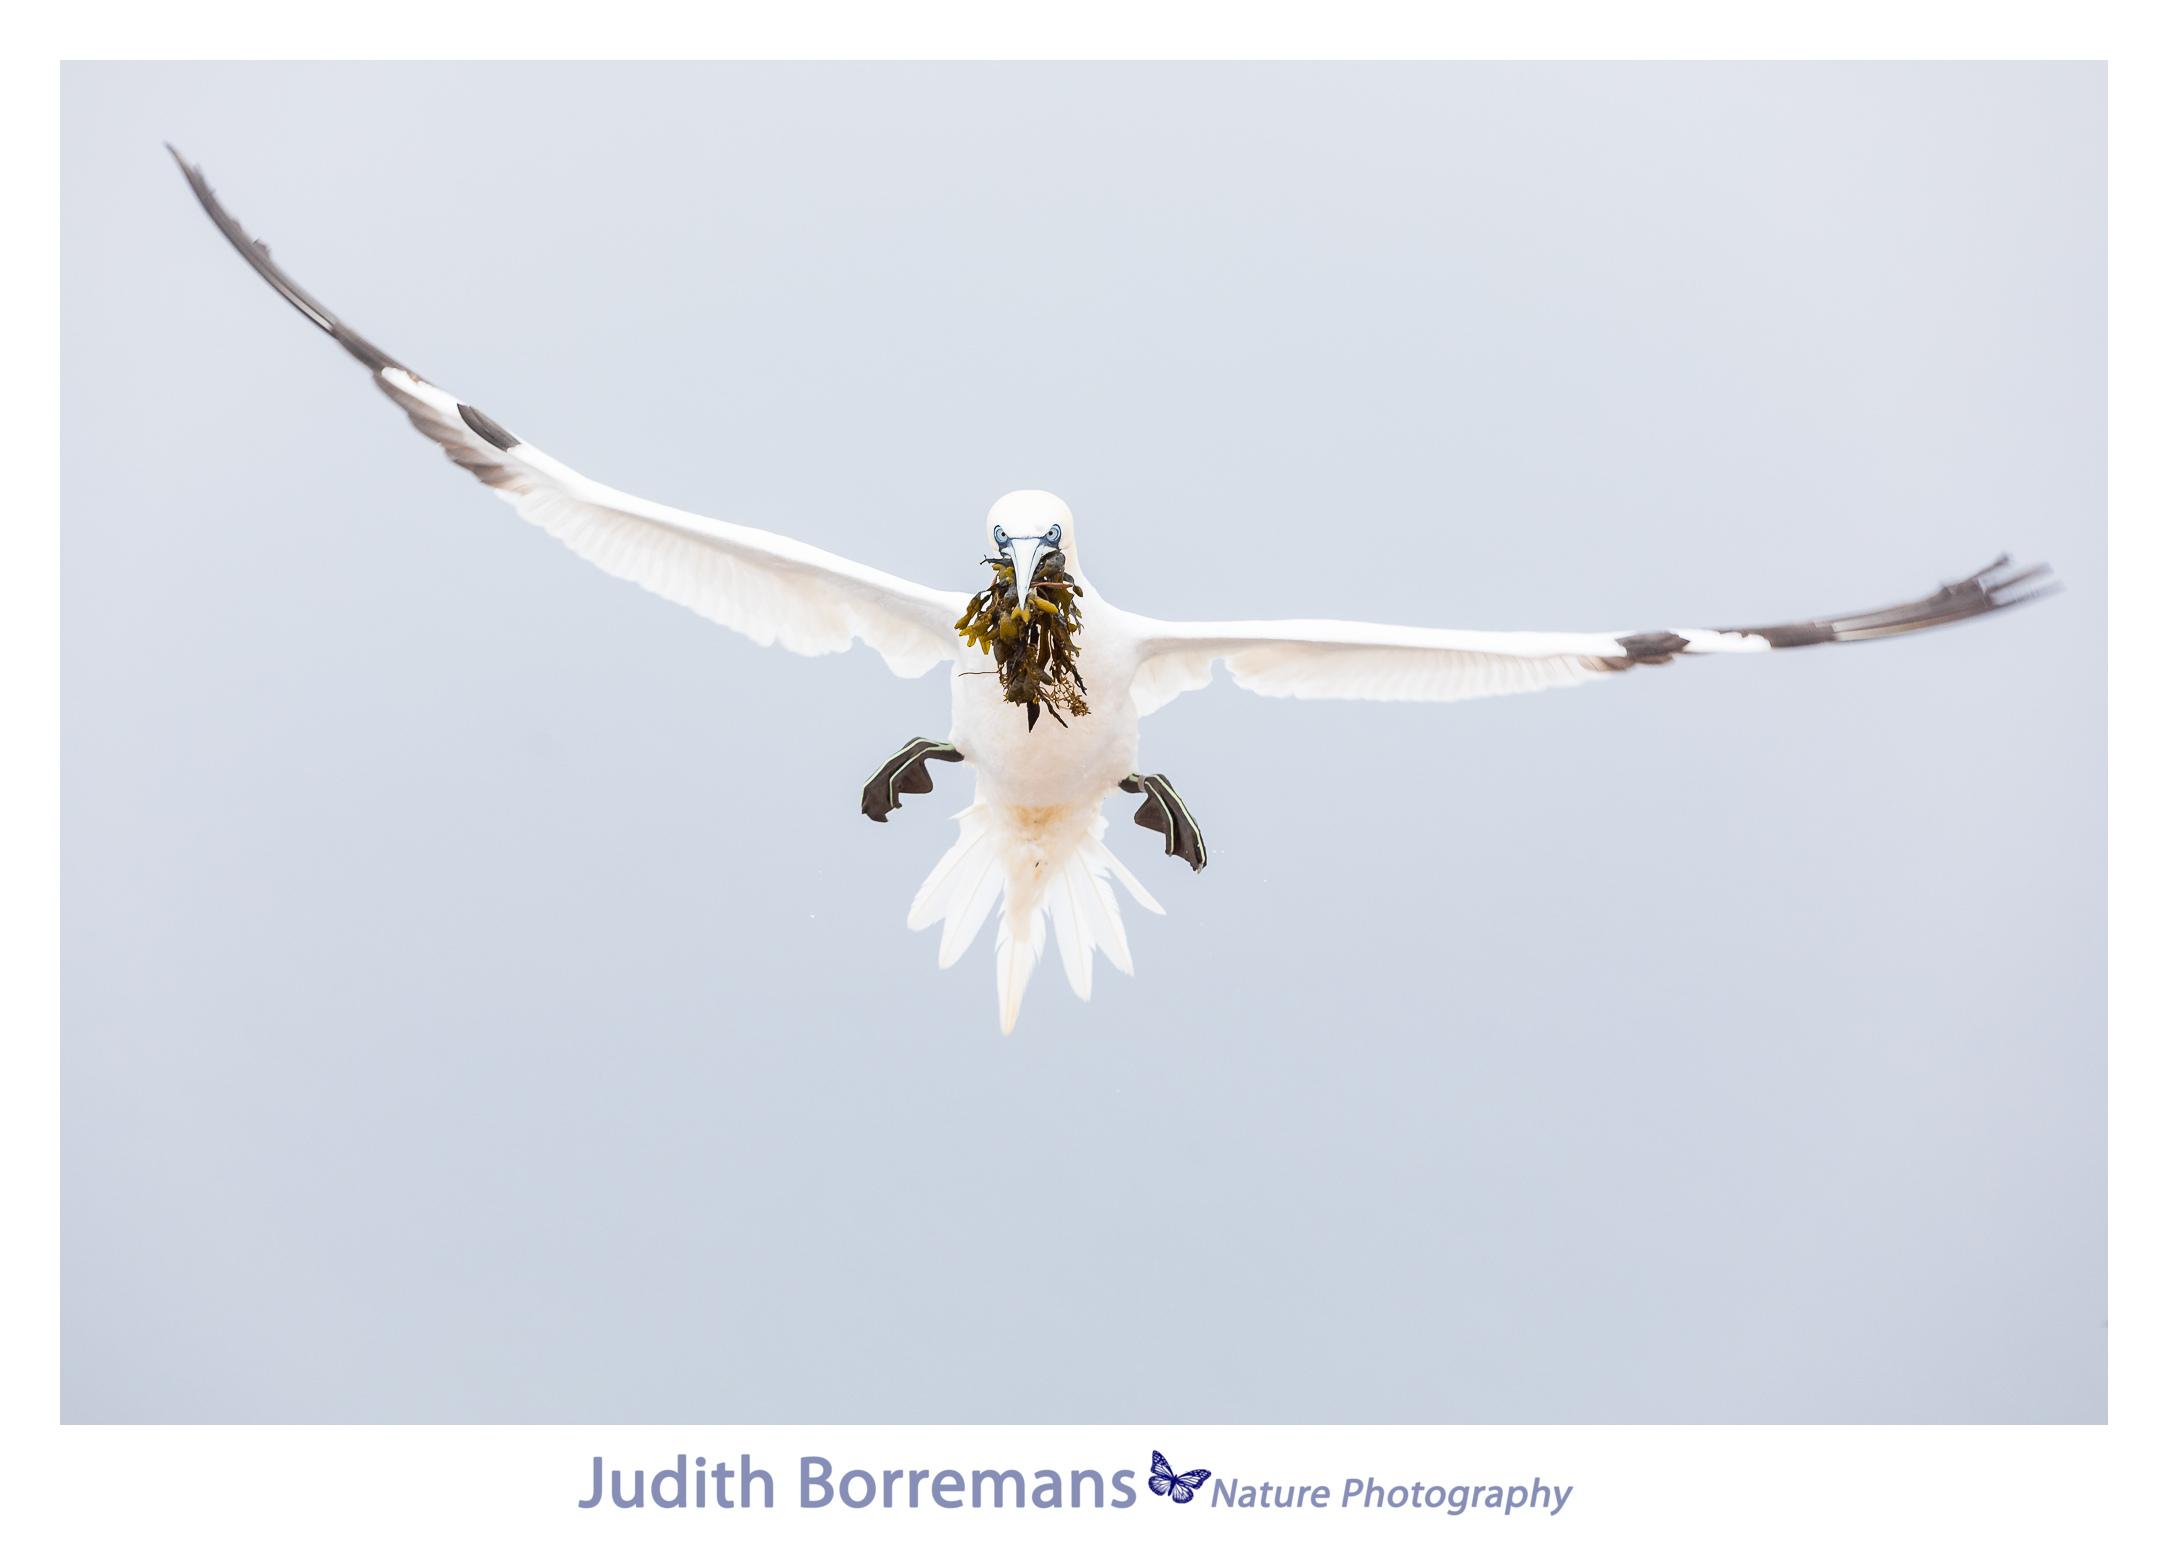 Jan Van Genten Fotograferen Op Helgoland